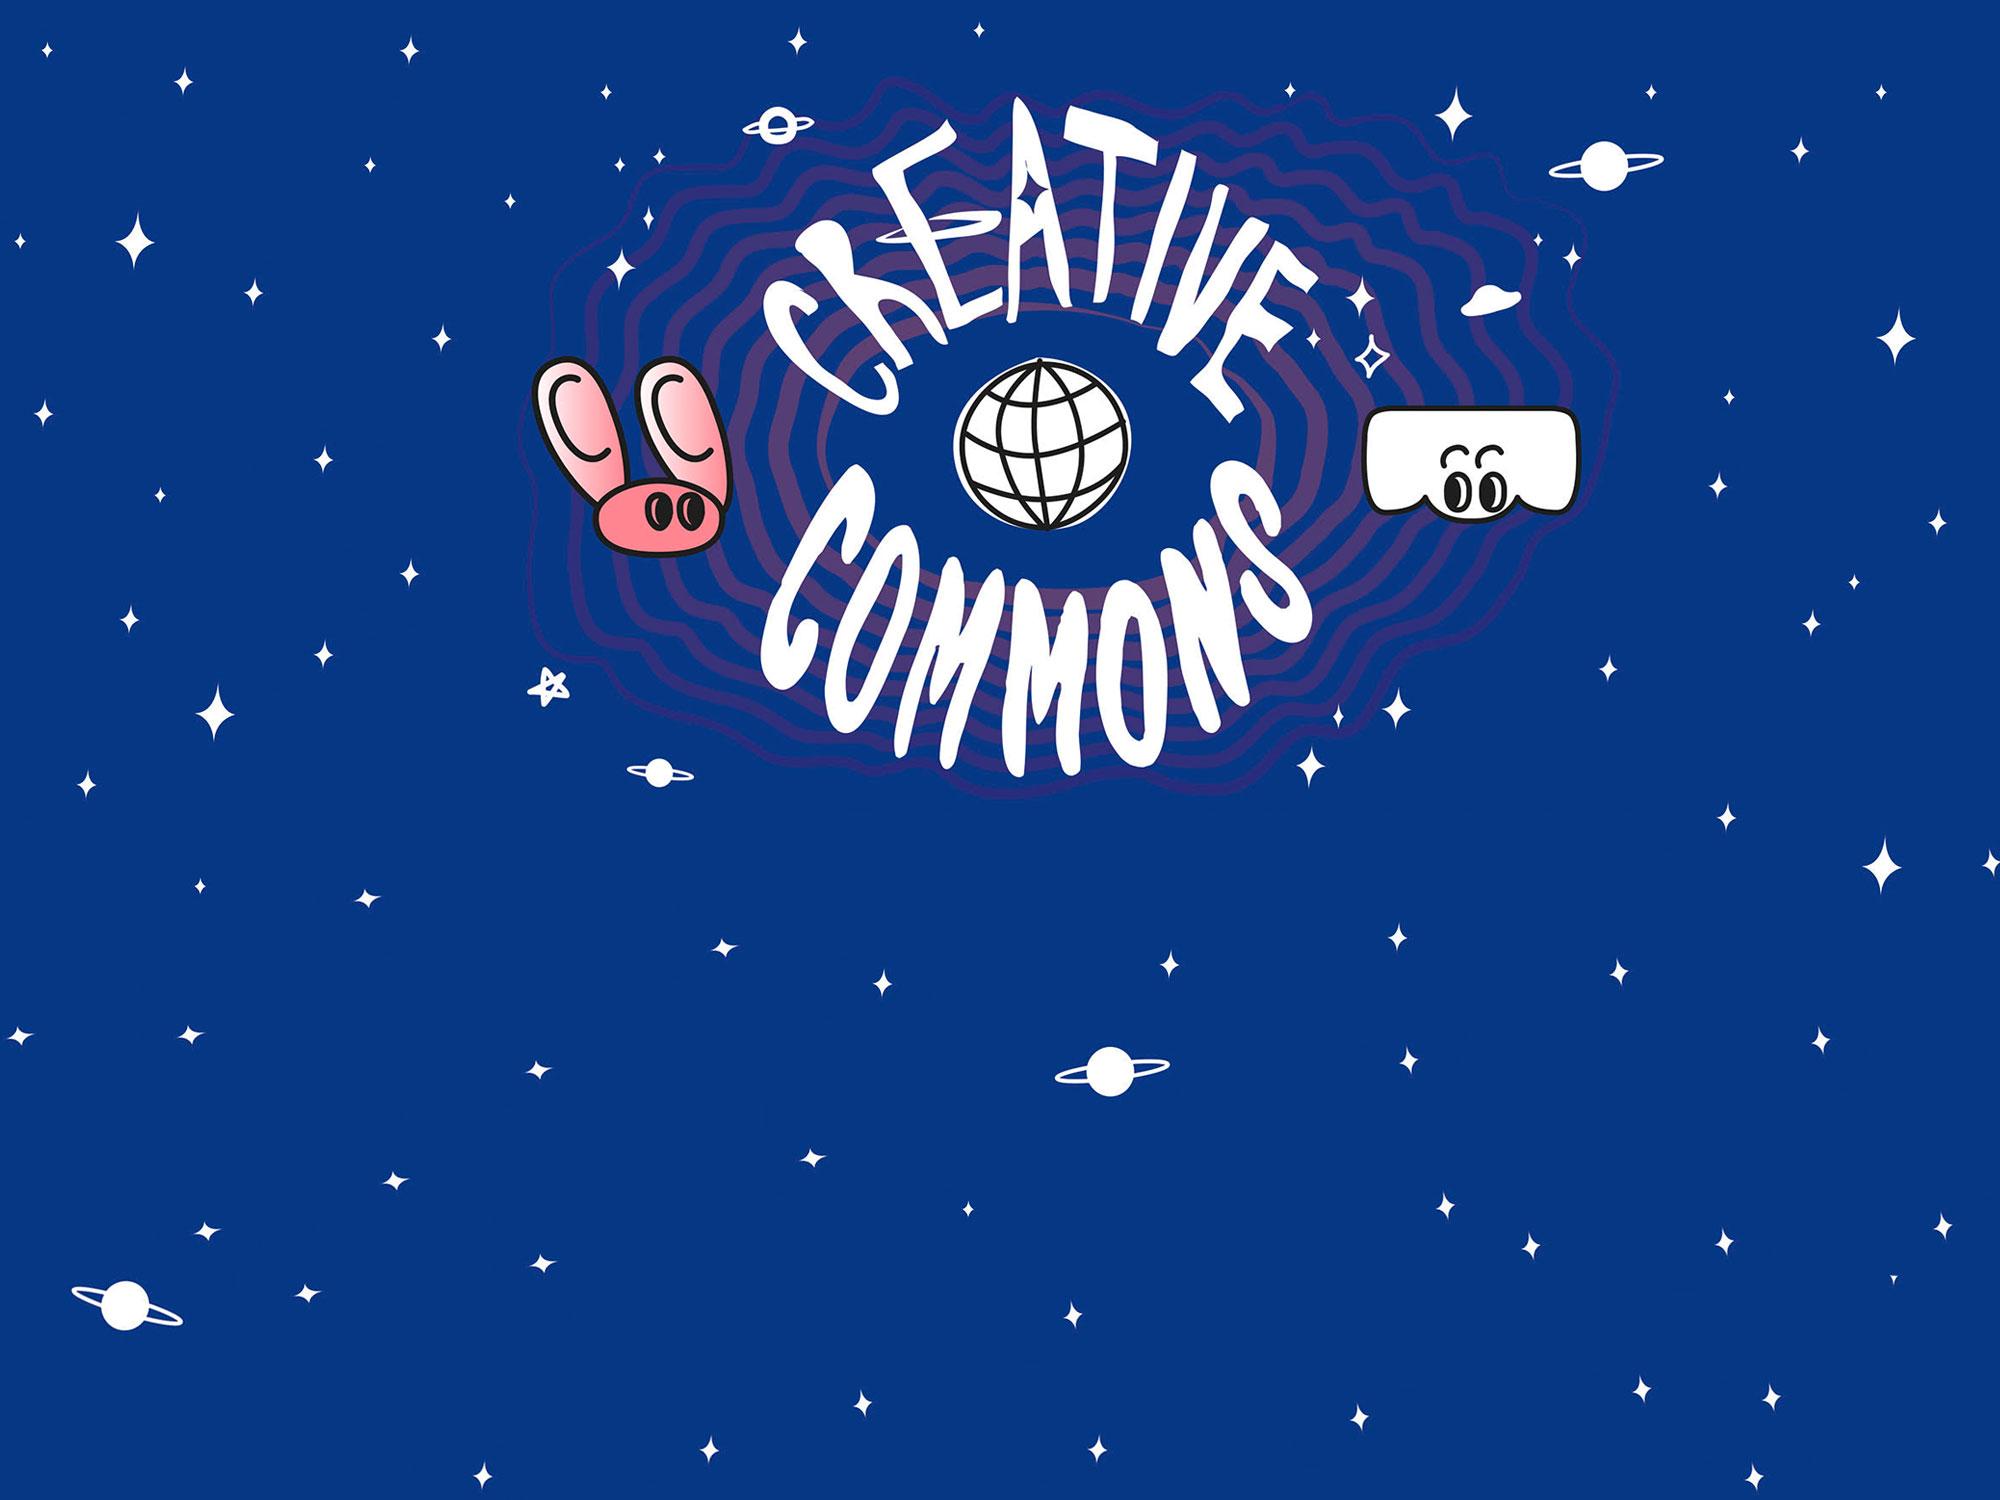 Creative Commons für schöpfende Gestalter*innen